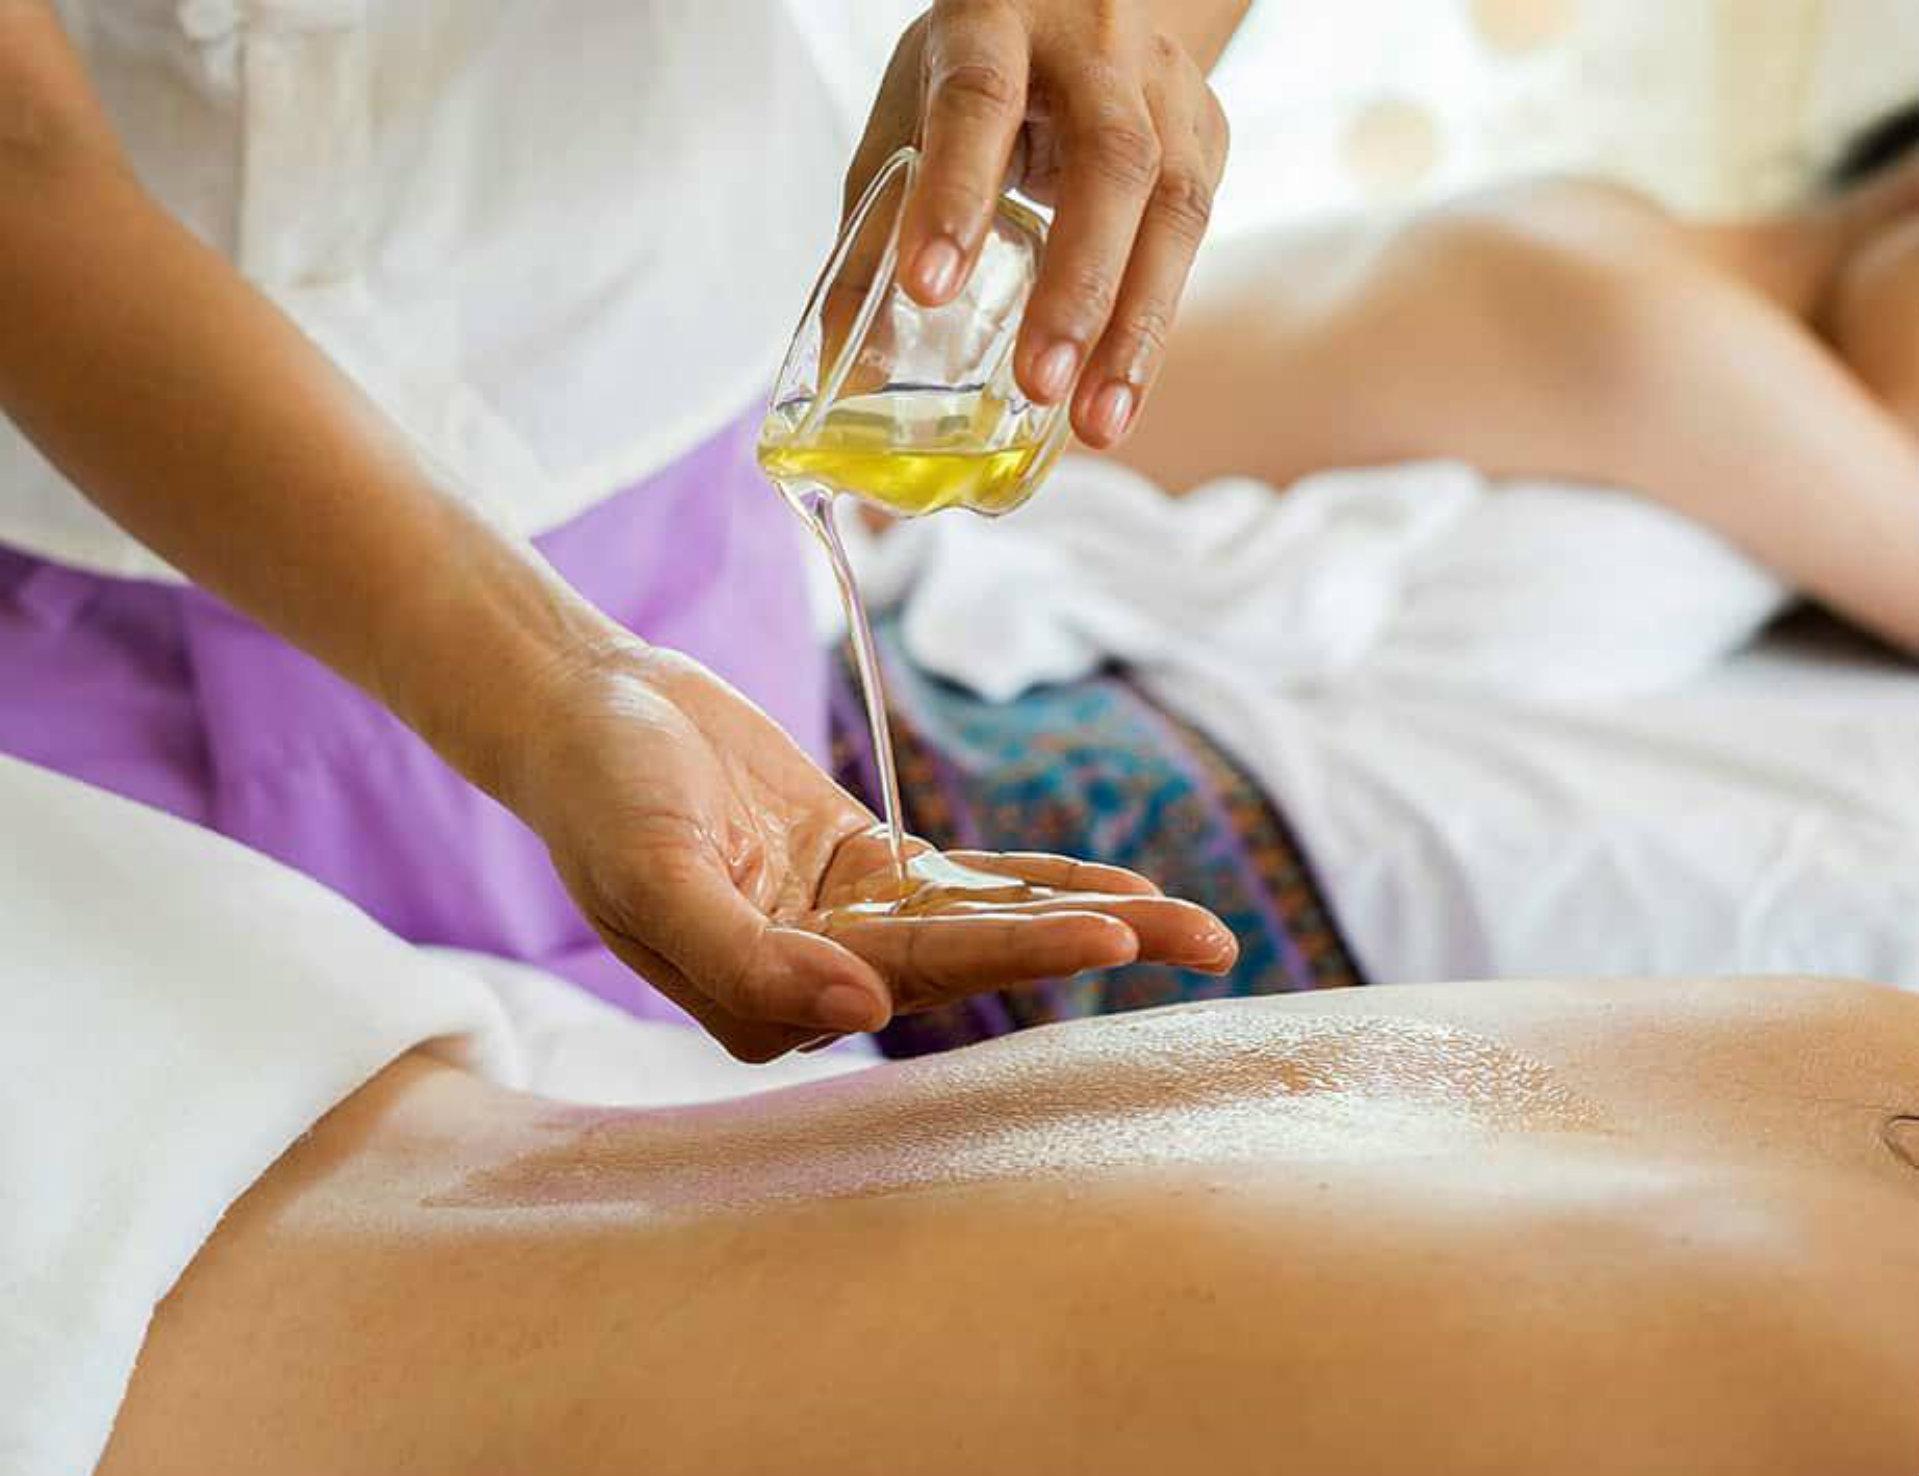 Massage thaï aux herbes aromatiques